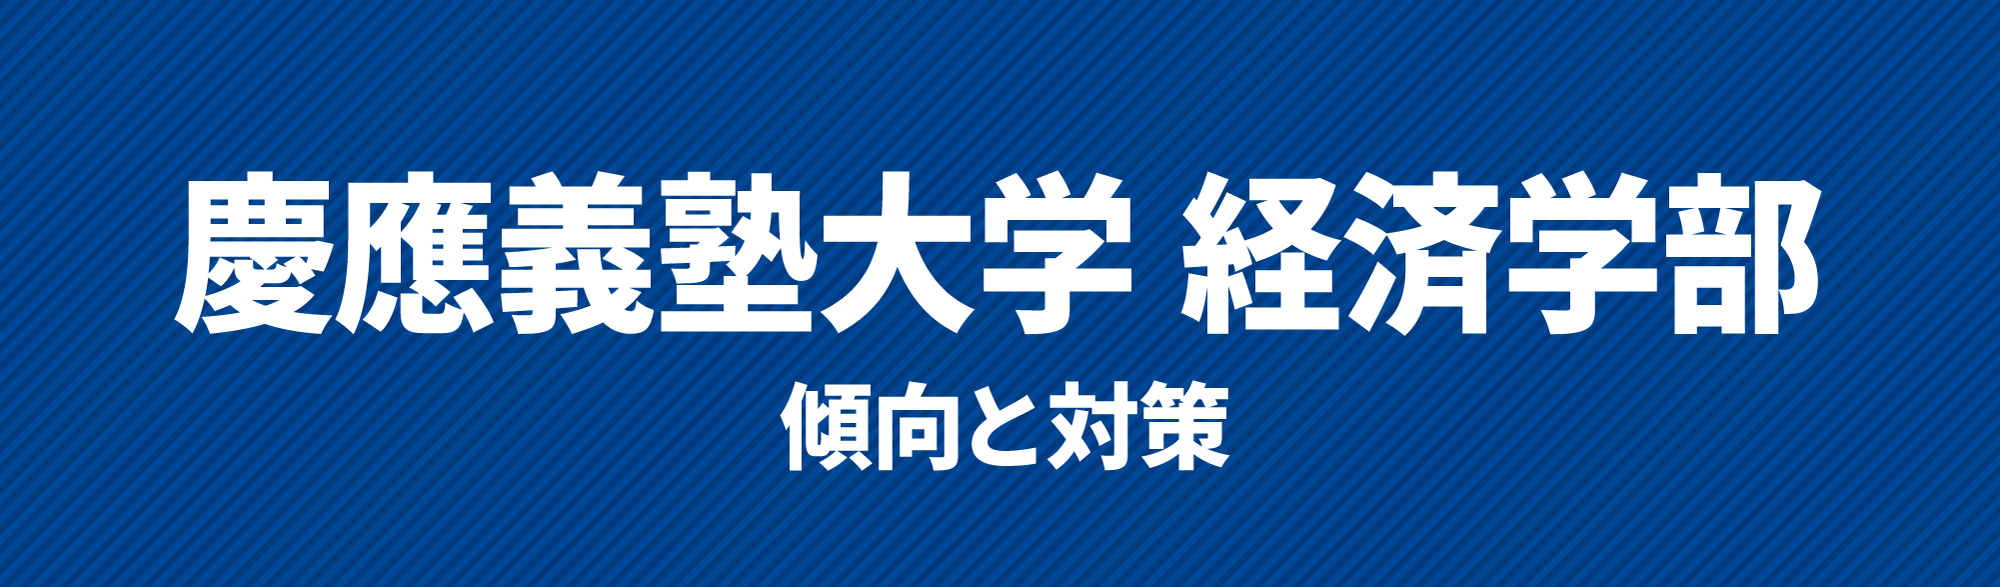 慶應義塾大学経済学部傾向と対策